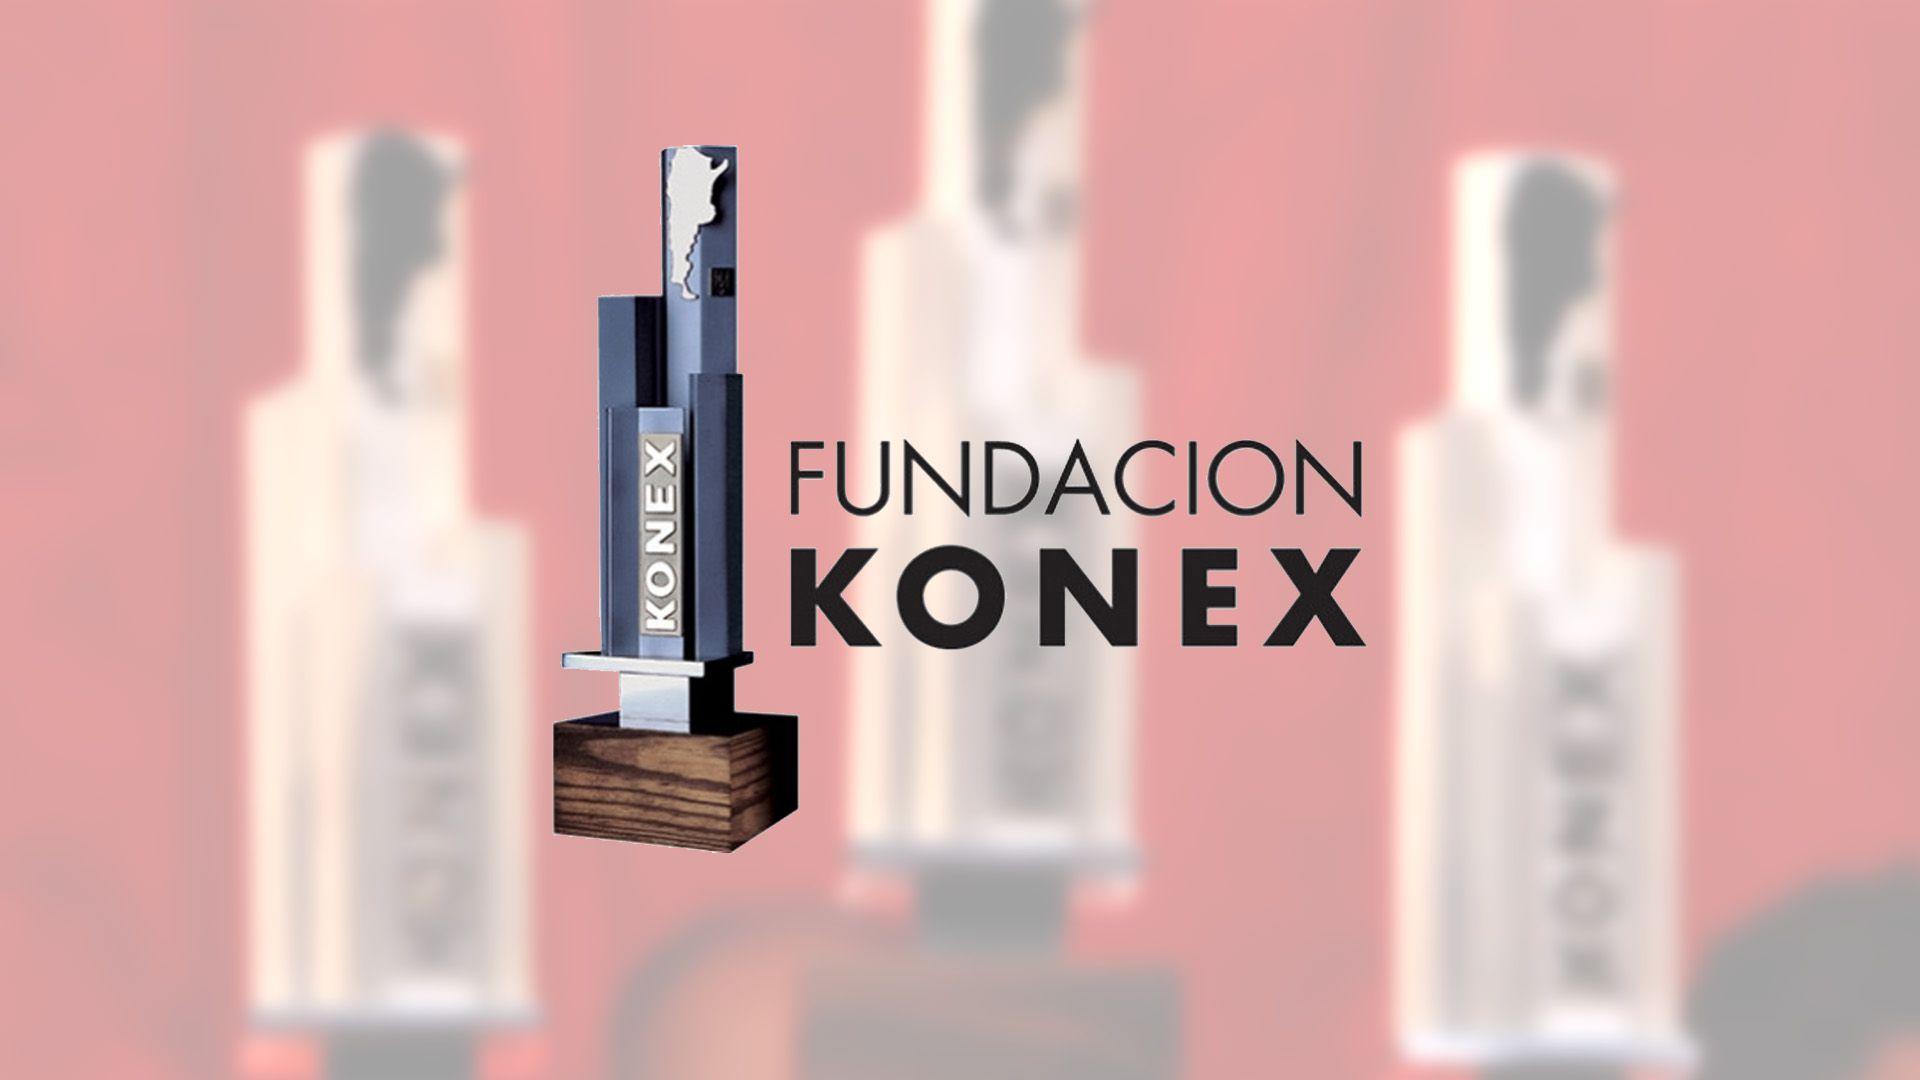 Fundación Konex Premios 2020